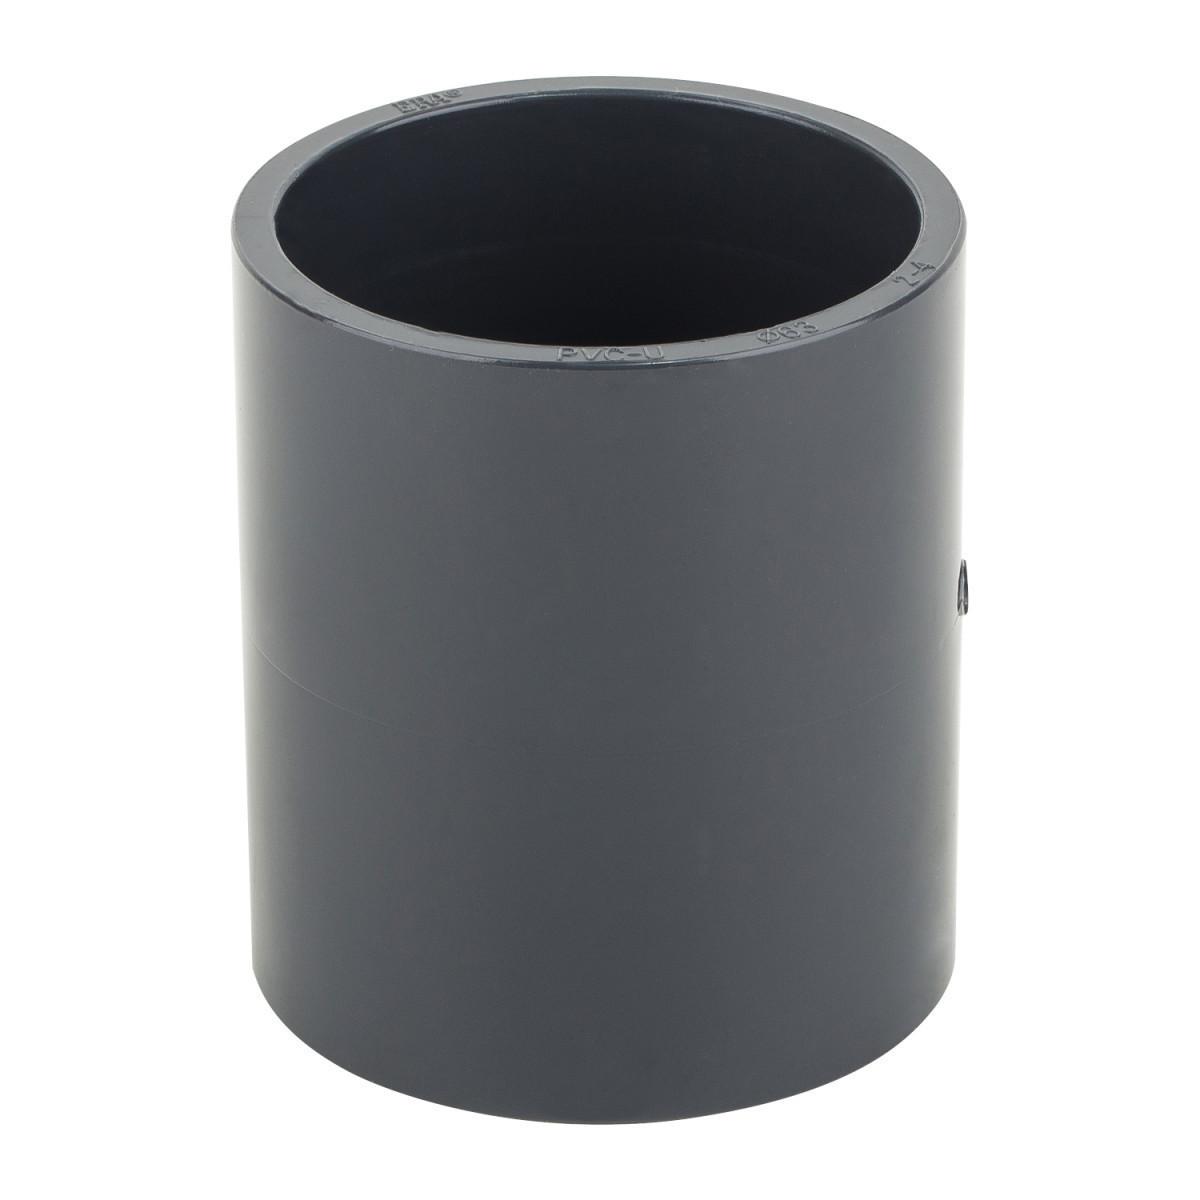 Муфта ПВХ ERA соеденительная, диаметр 75 мм.